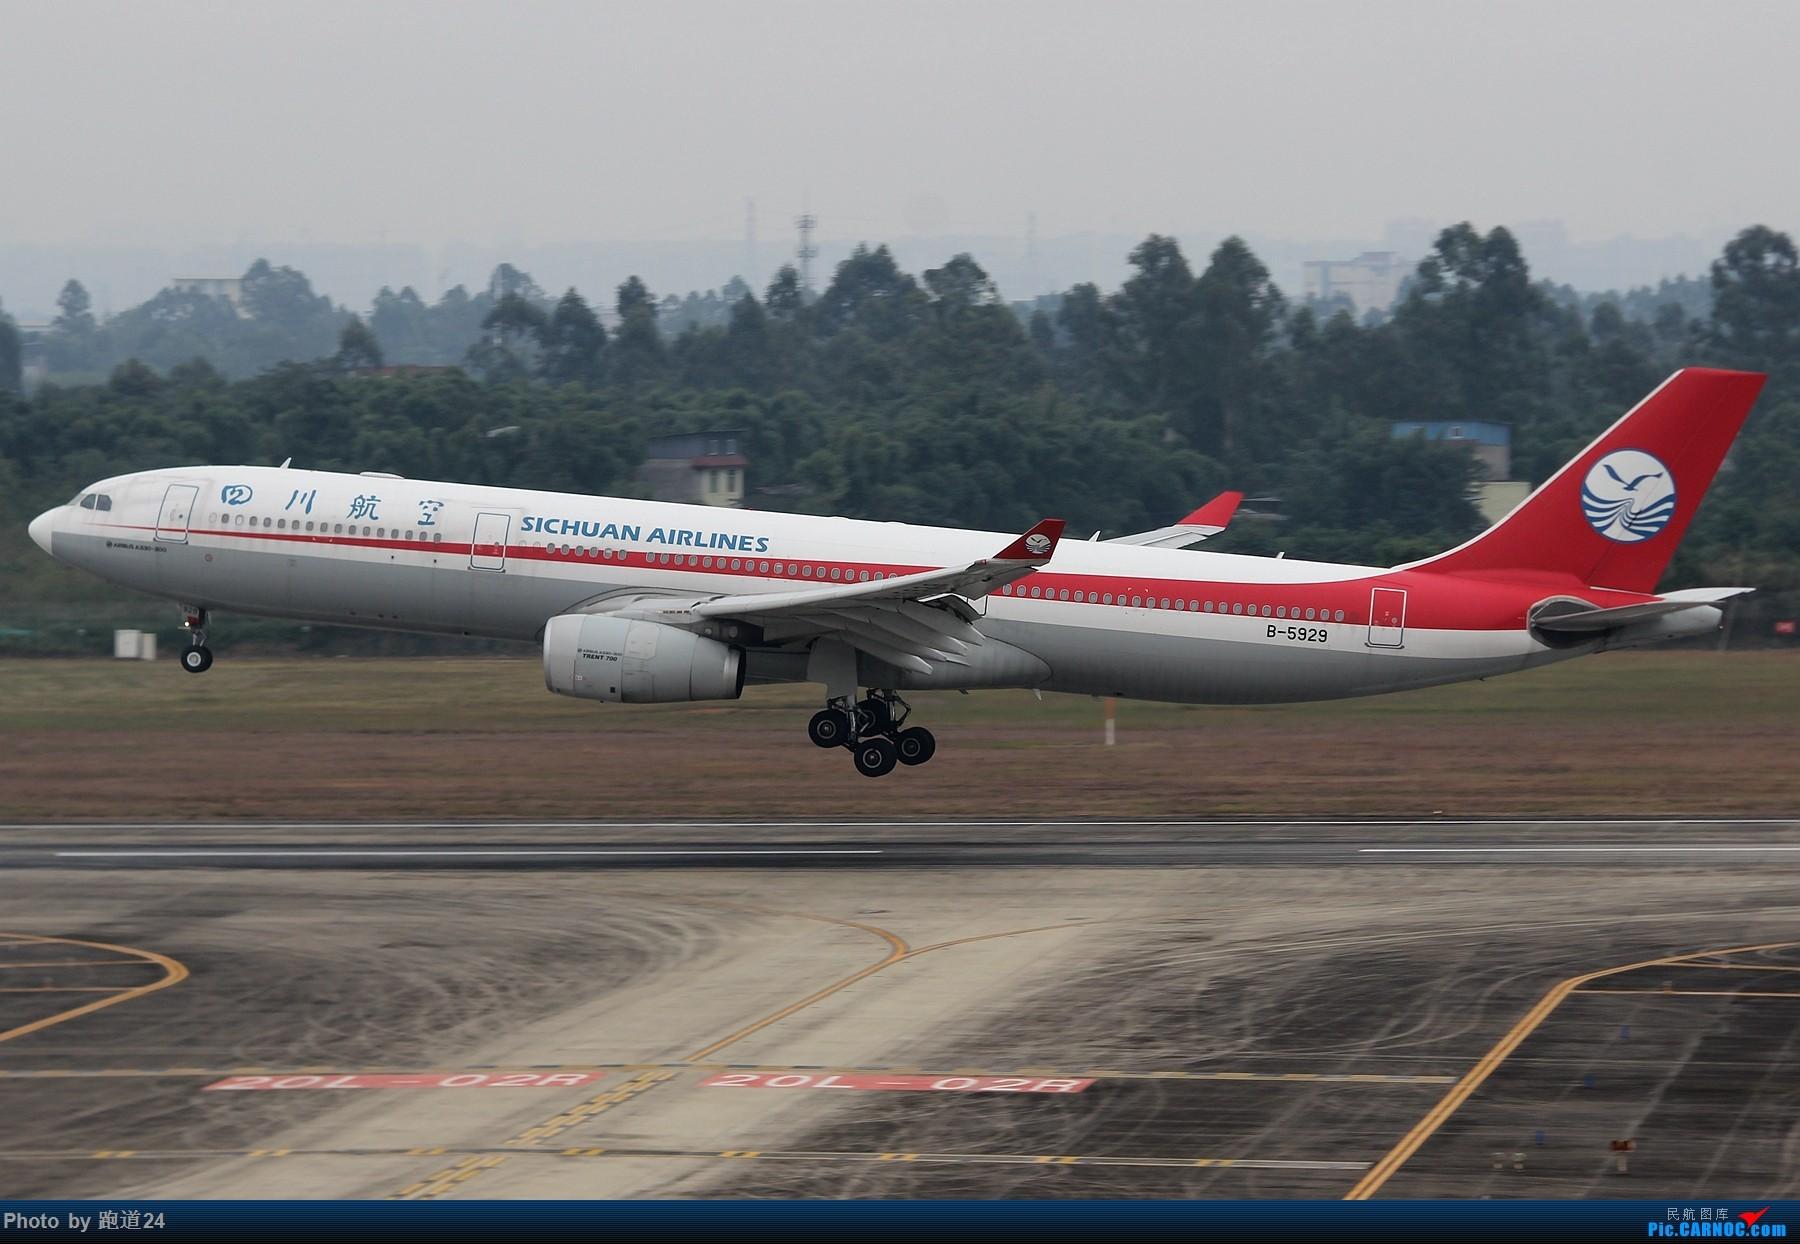 Re:[原创][原创]【多图党】国庆烂天10.7拍机 1800*1200 AIRBUS A330-300 B-5929 中国成都双流国际机场